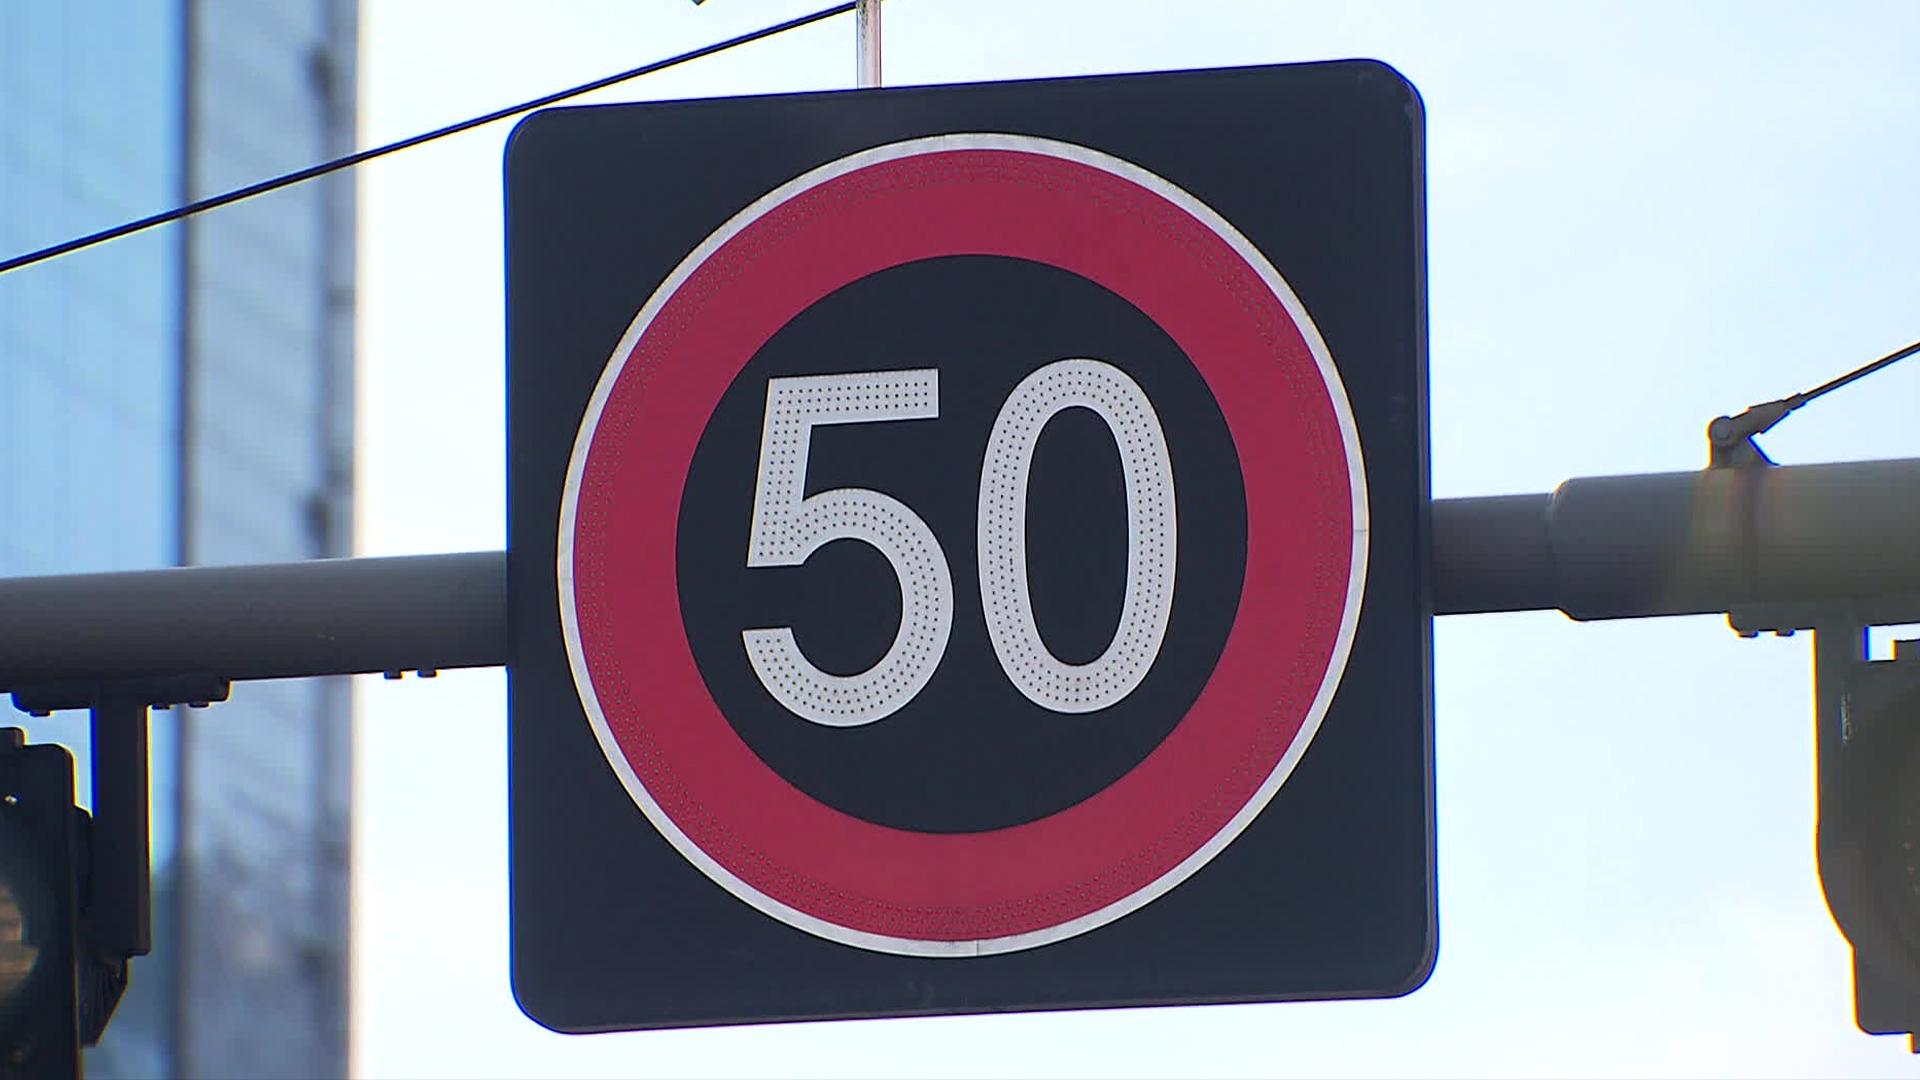 내일부터 전국 '안전속도 5030'…엇갈리는 반응